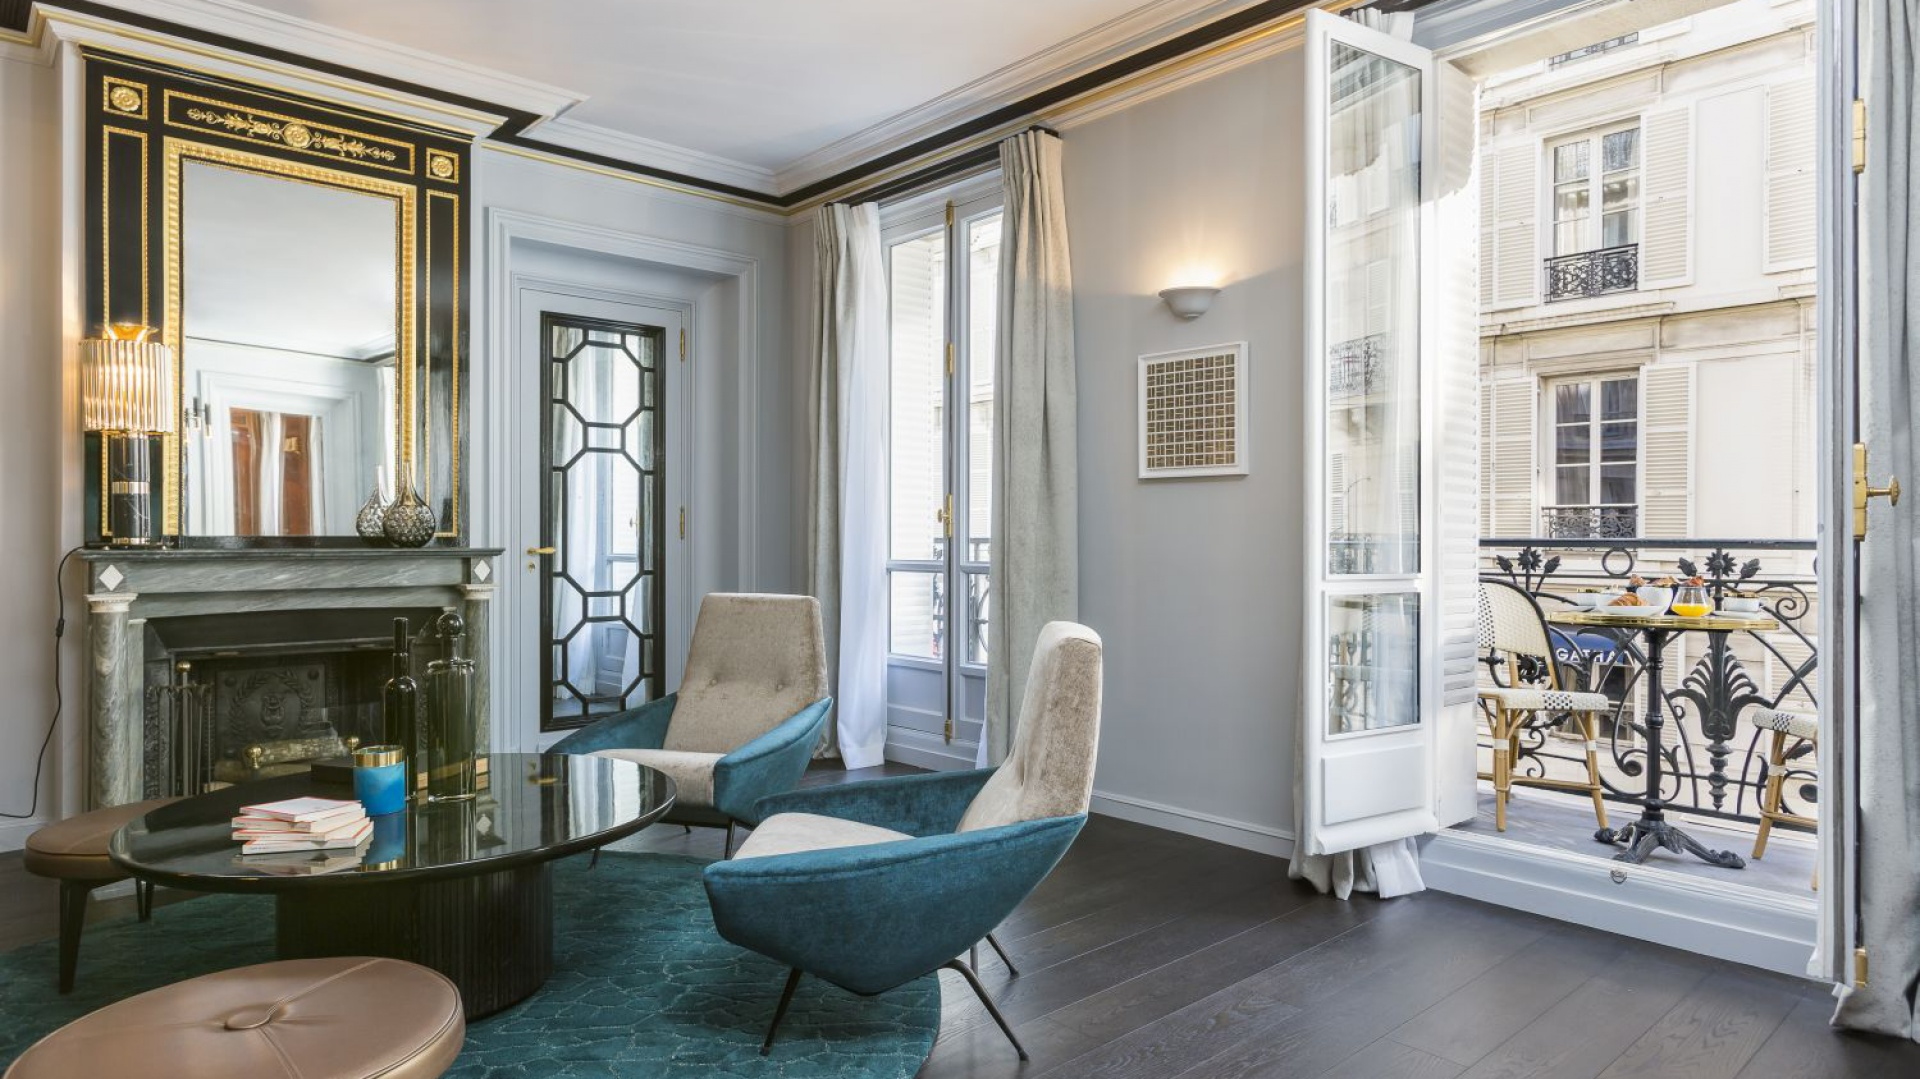 Dwa przepiękne fotele to antyki. Nadają one vintage'owy klimat wnętrzu, a kolorystycznie wspaniale harmonizują z oryginalnym dywanem. Projekt: Gerard Faivre Paris.